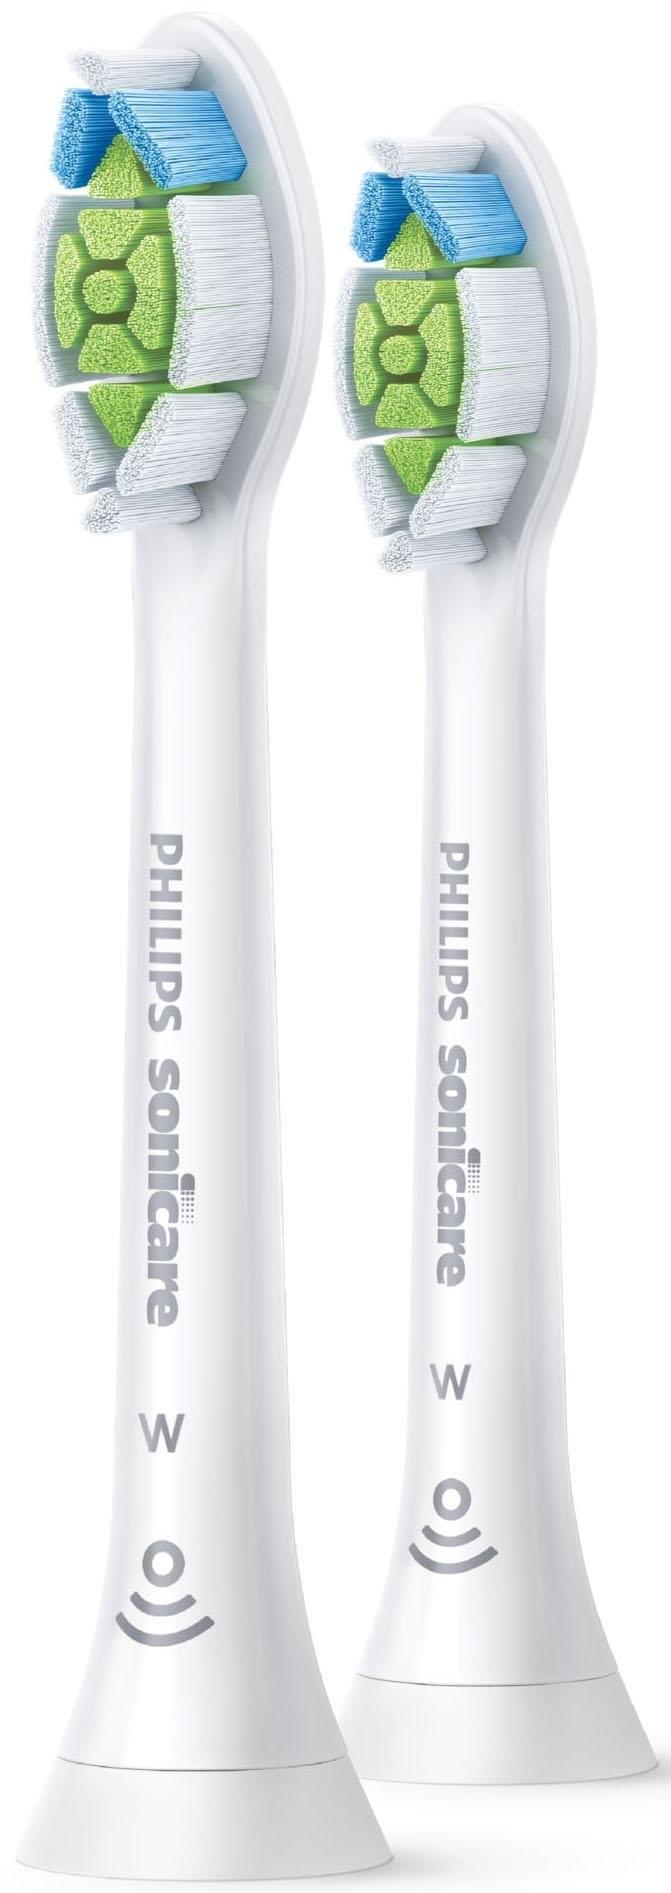 Op zoek naar een Philips Sonicare opzetborsteltje Optimal White Standard? Koop online bij OTTO